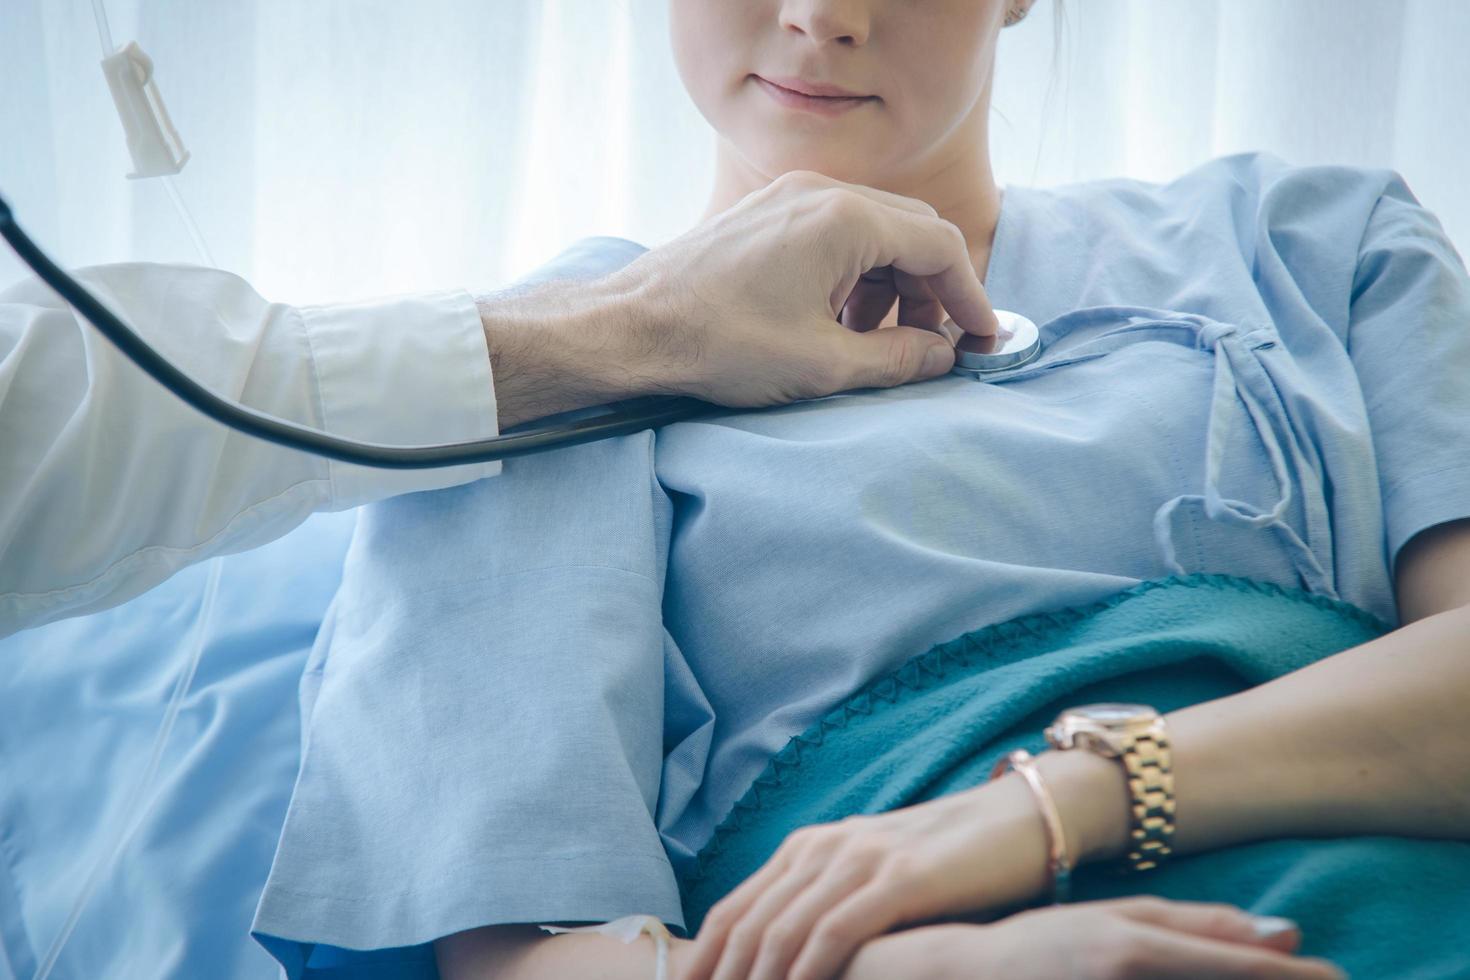 médecin écoutant le cœur du patient photo